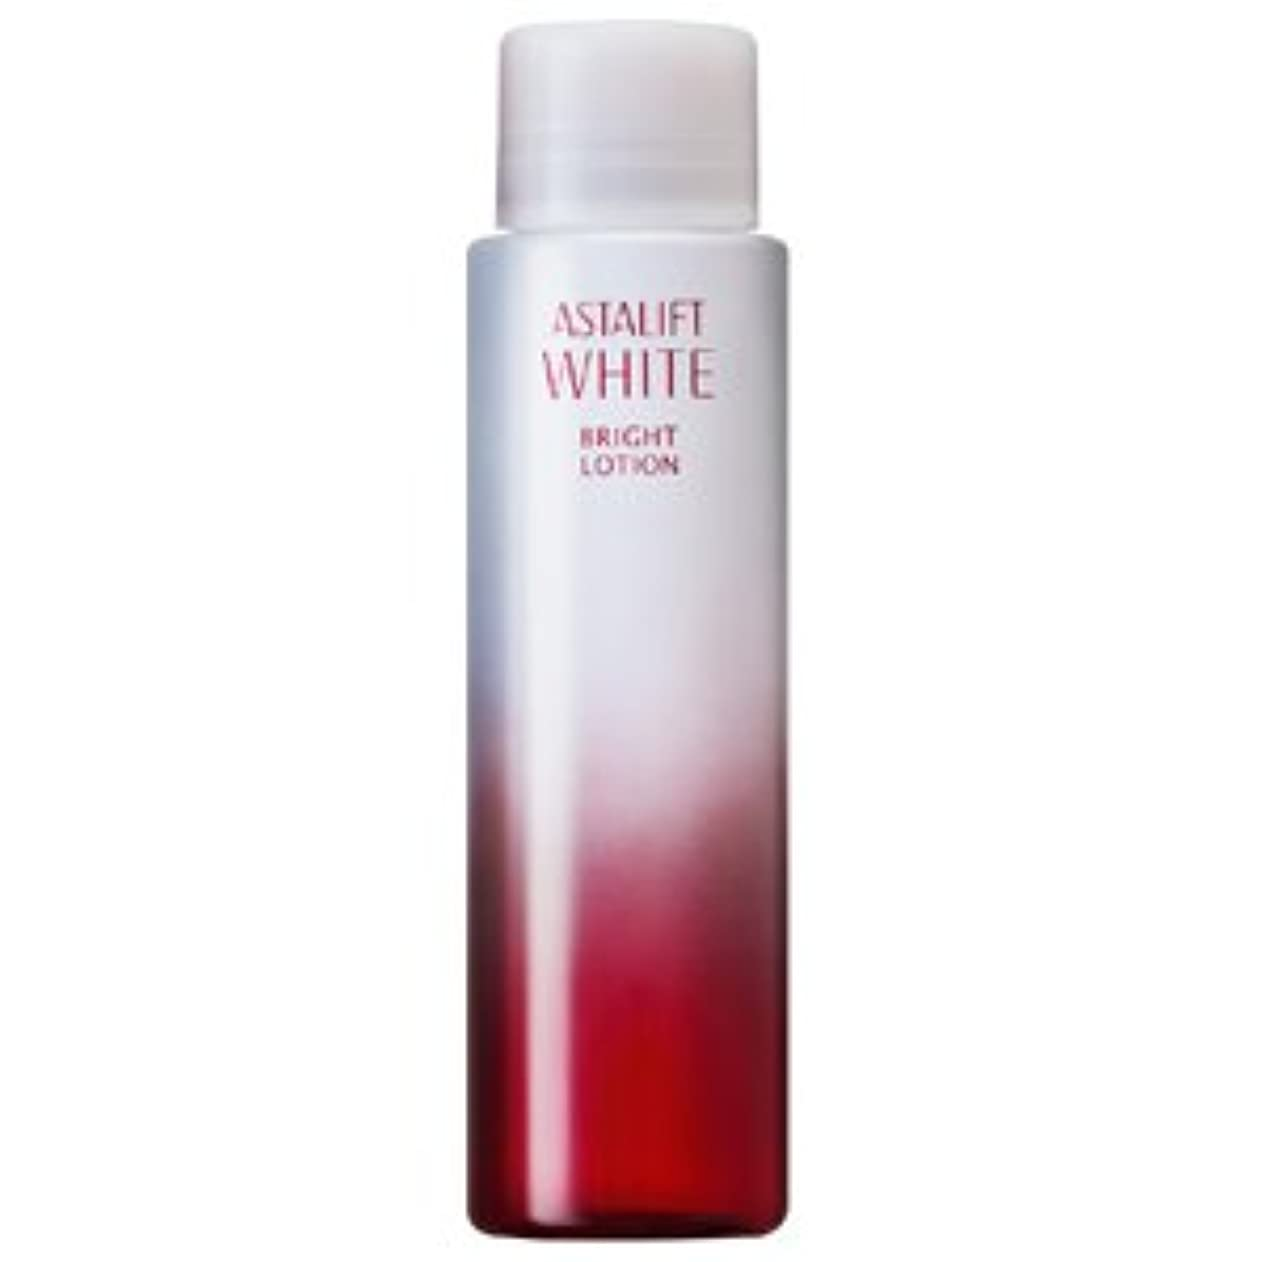 思い出す吸収剤一般化するアスタリフト/ASTALIFT 化粧水 アスタリフトホワイトブライトローション レフィル 130ml [並行輸入品]